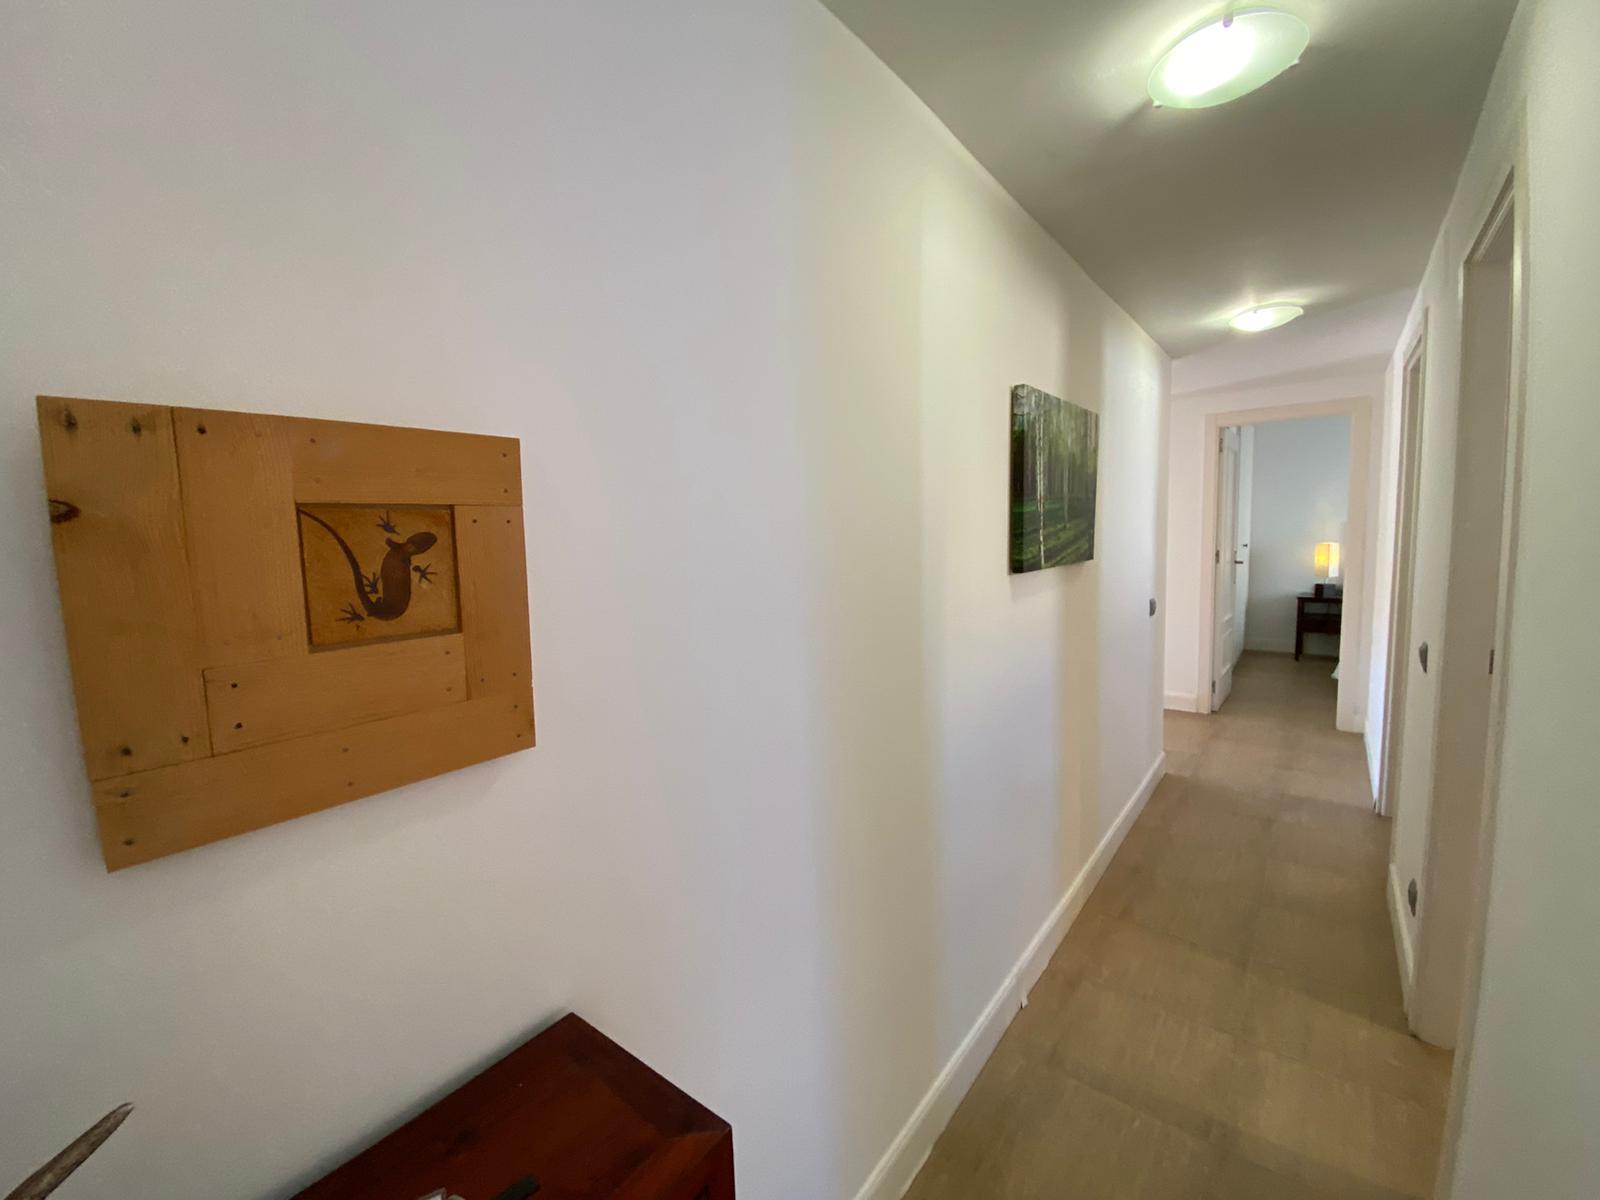 Imagen 9 del Apartamento Turístico, Ático 6 Poniente (3d+2b), Punta del Moral (HUELVA), Paseo de la Cruz nº22